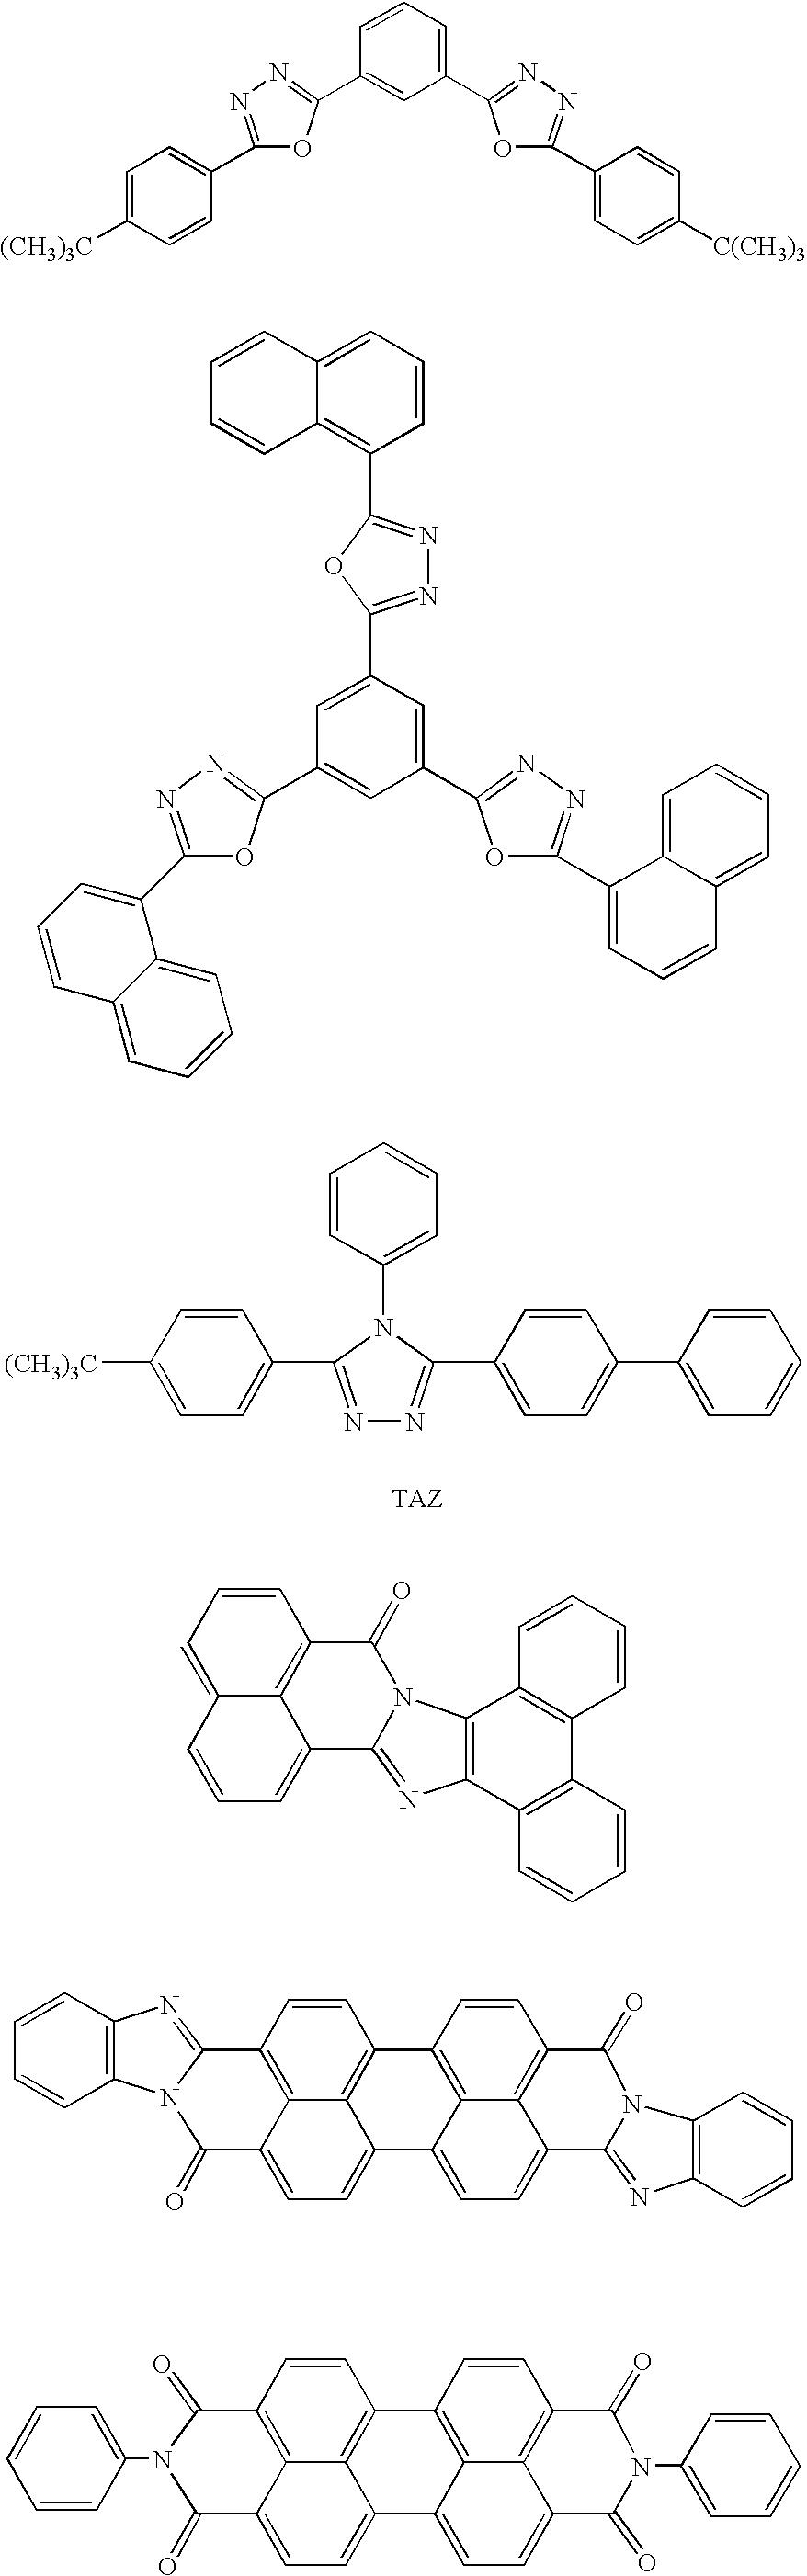 Figure US07173131-20070206-C00023